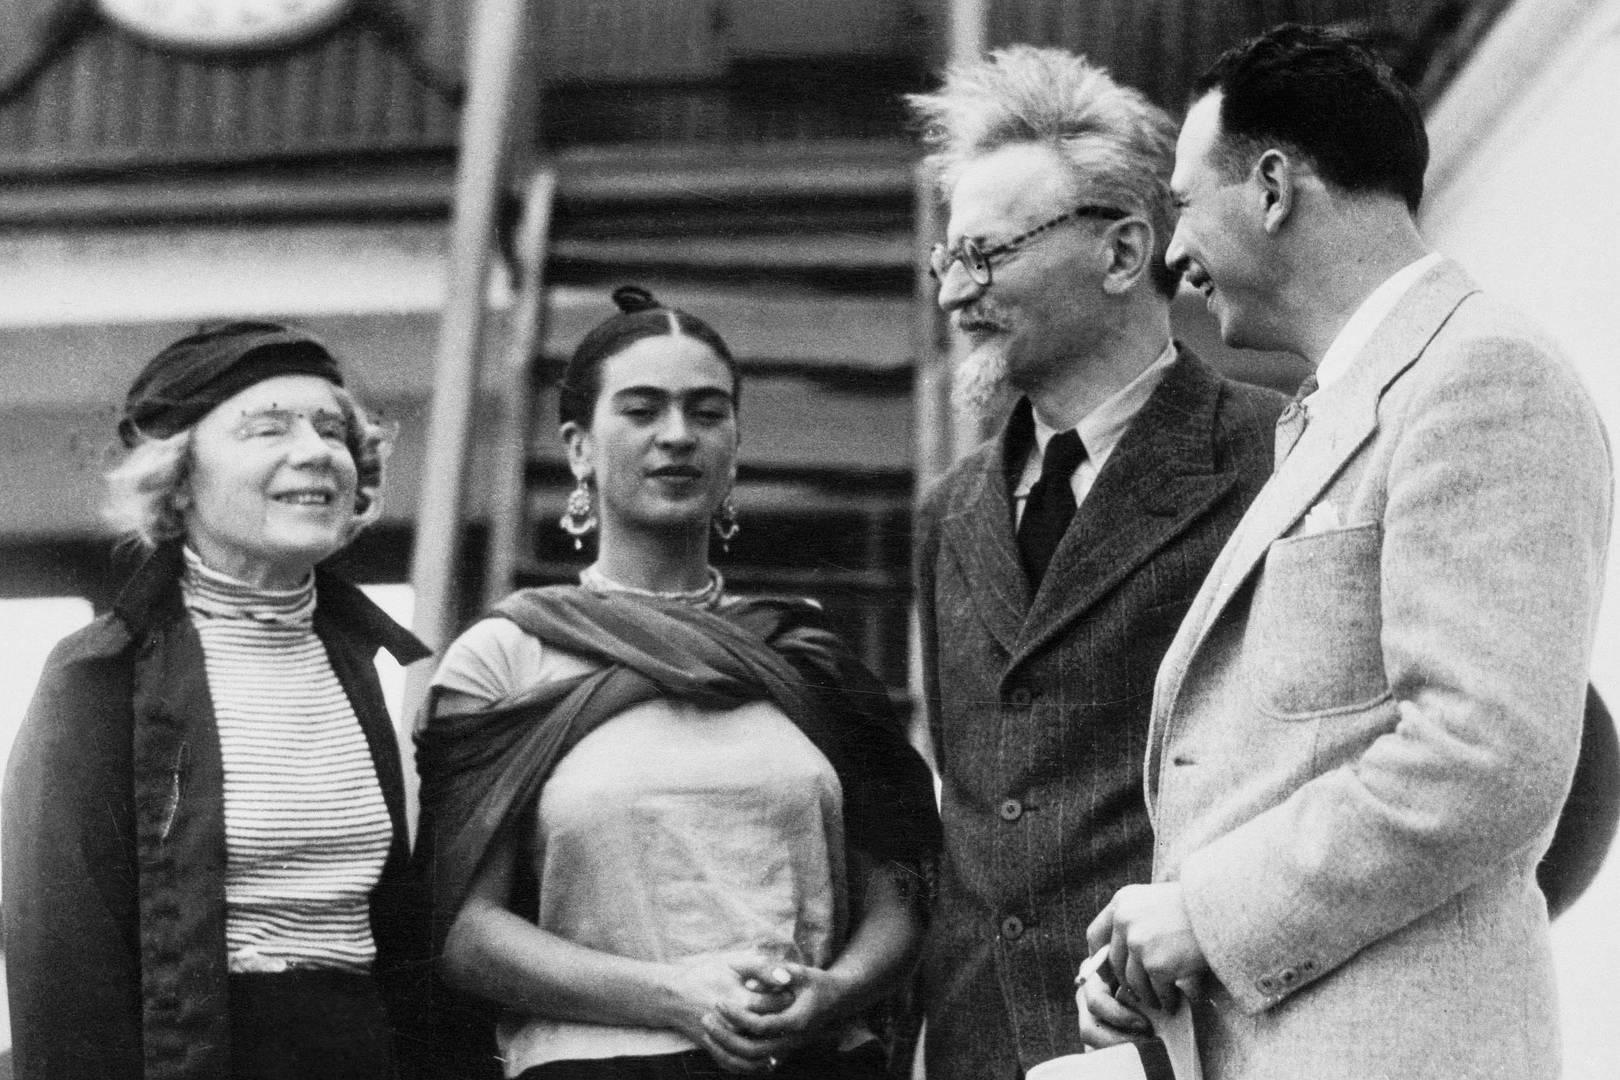 Слева направо — Наталья Седова, Фрида Кало, Лев Троцкий и Макс Шахтман. 1937